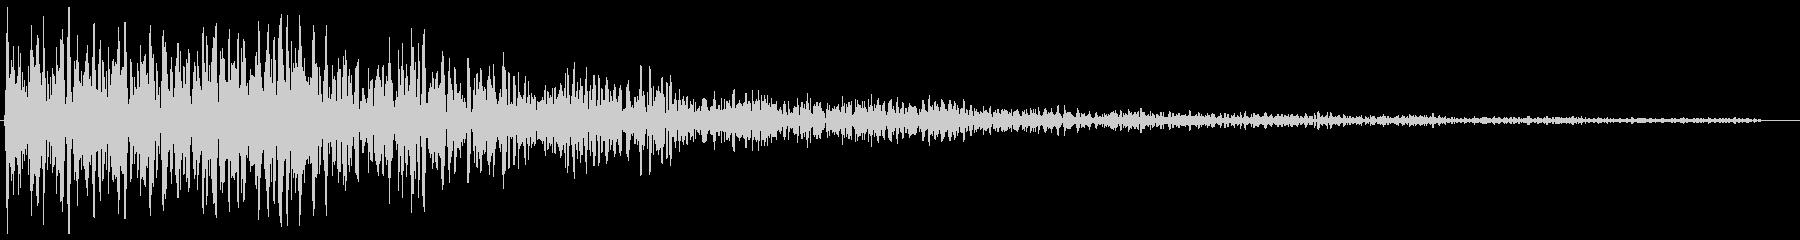 洞窟に響き渡る不吉な音の未再生の波形